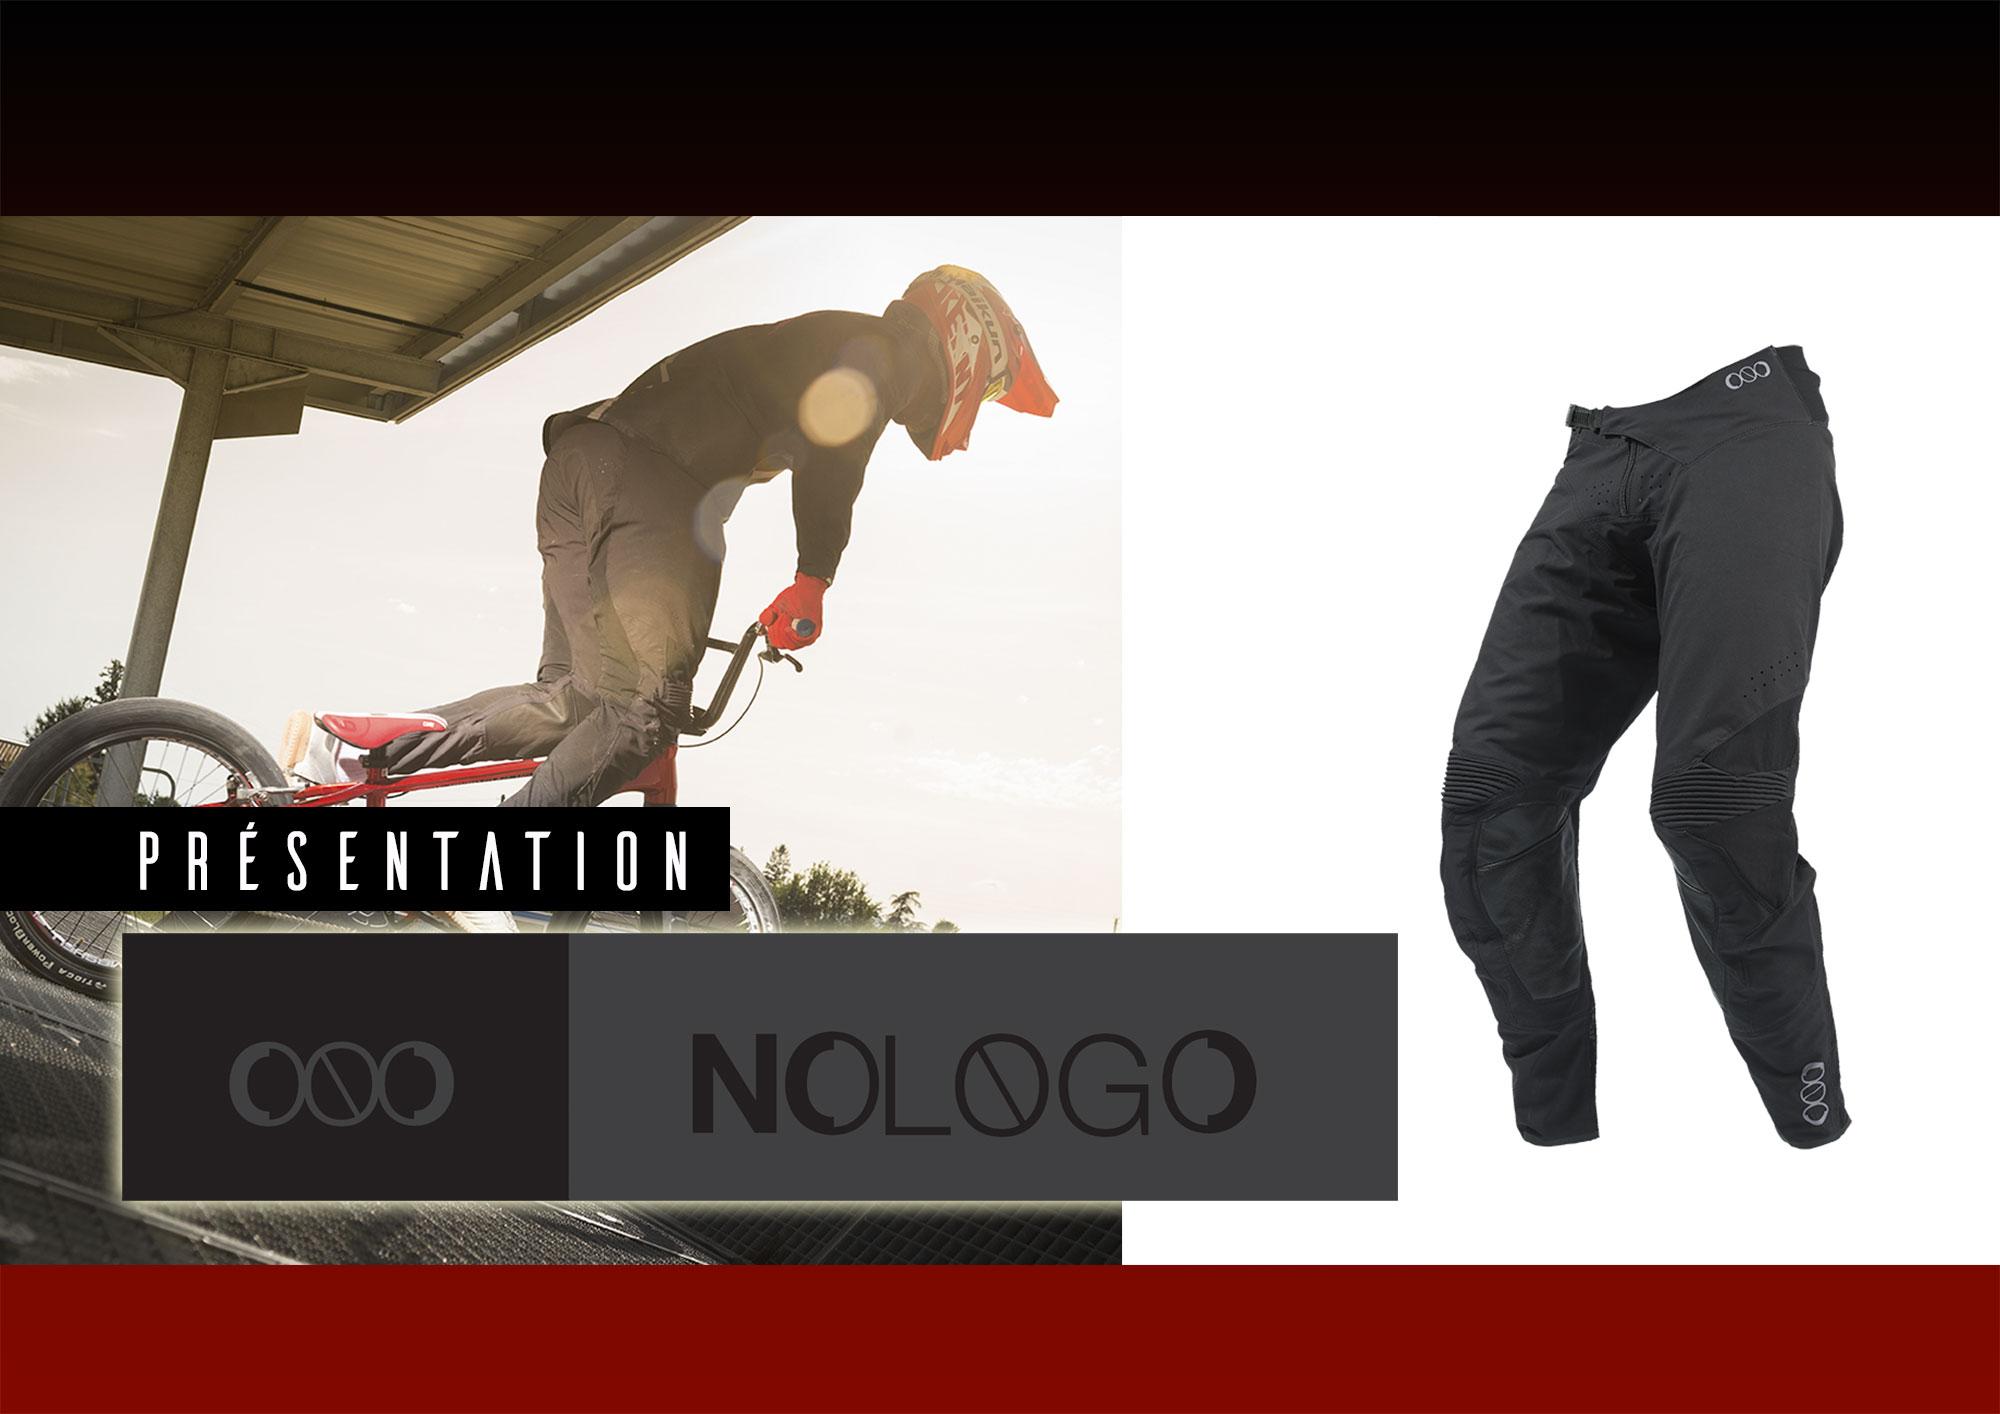 NOLOGO= Nouvelle marque d'équipements pour le BMX